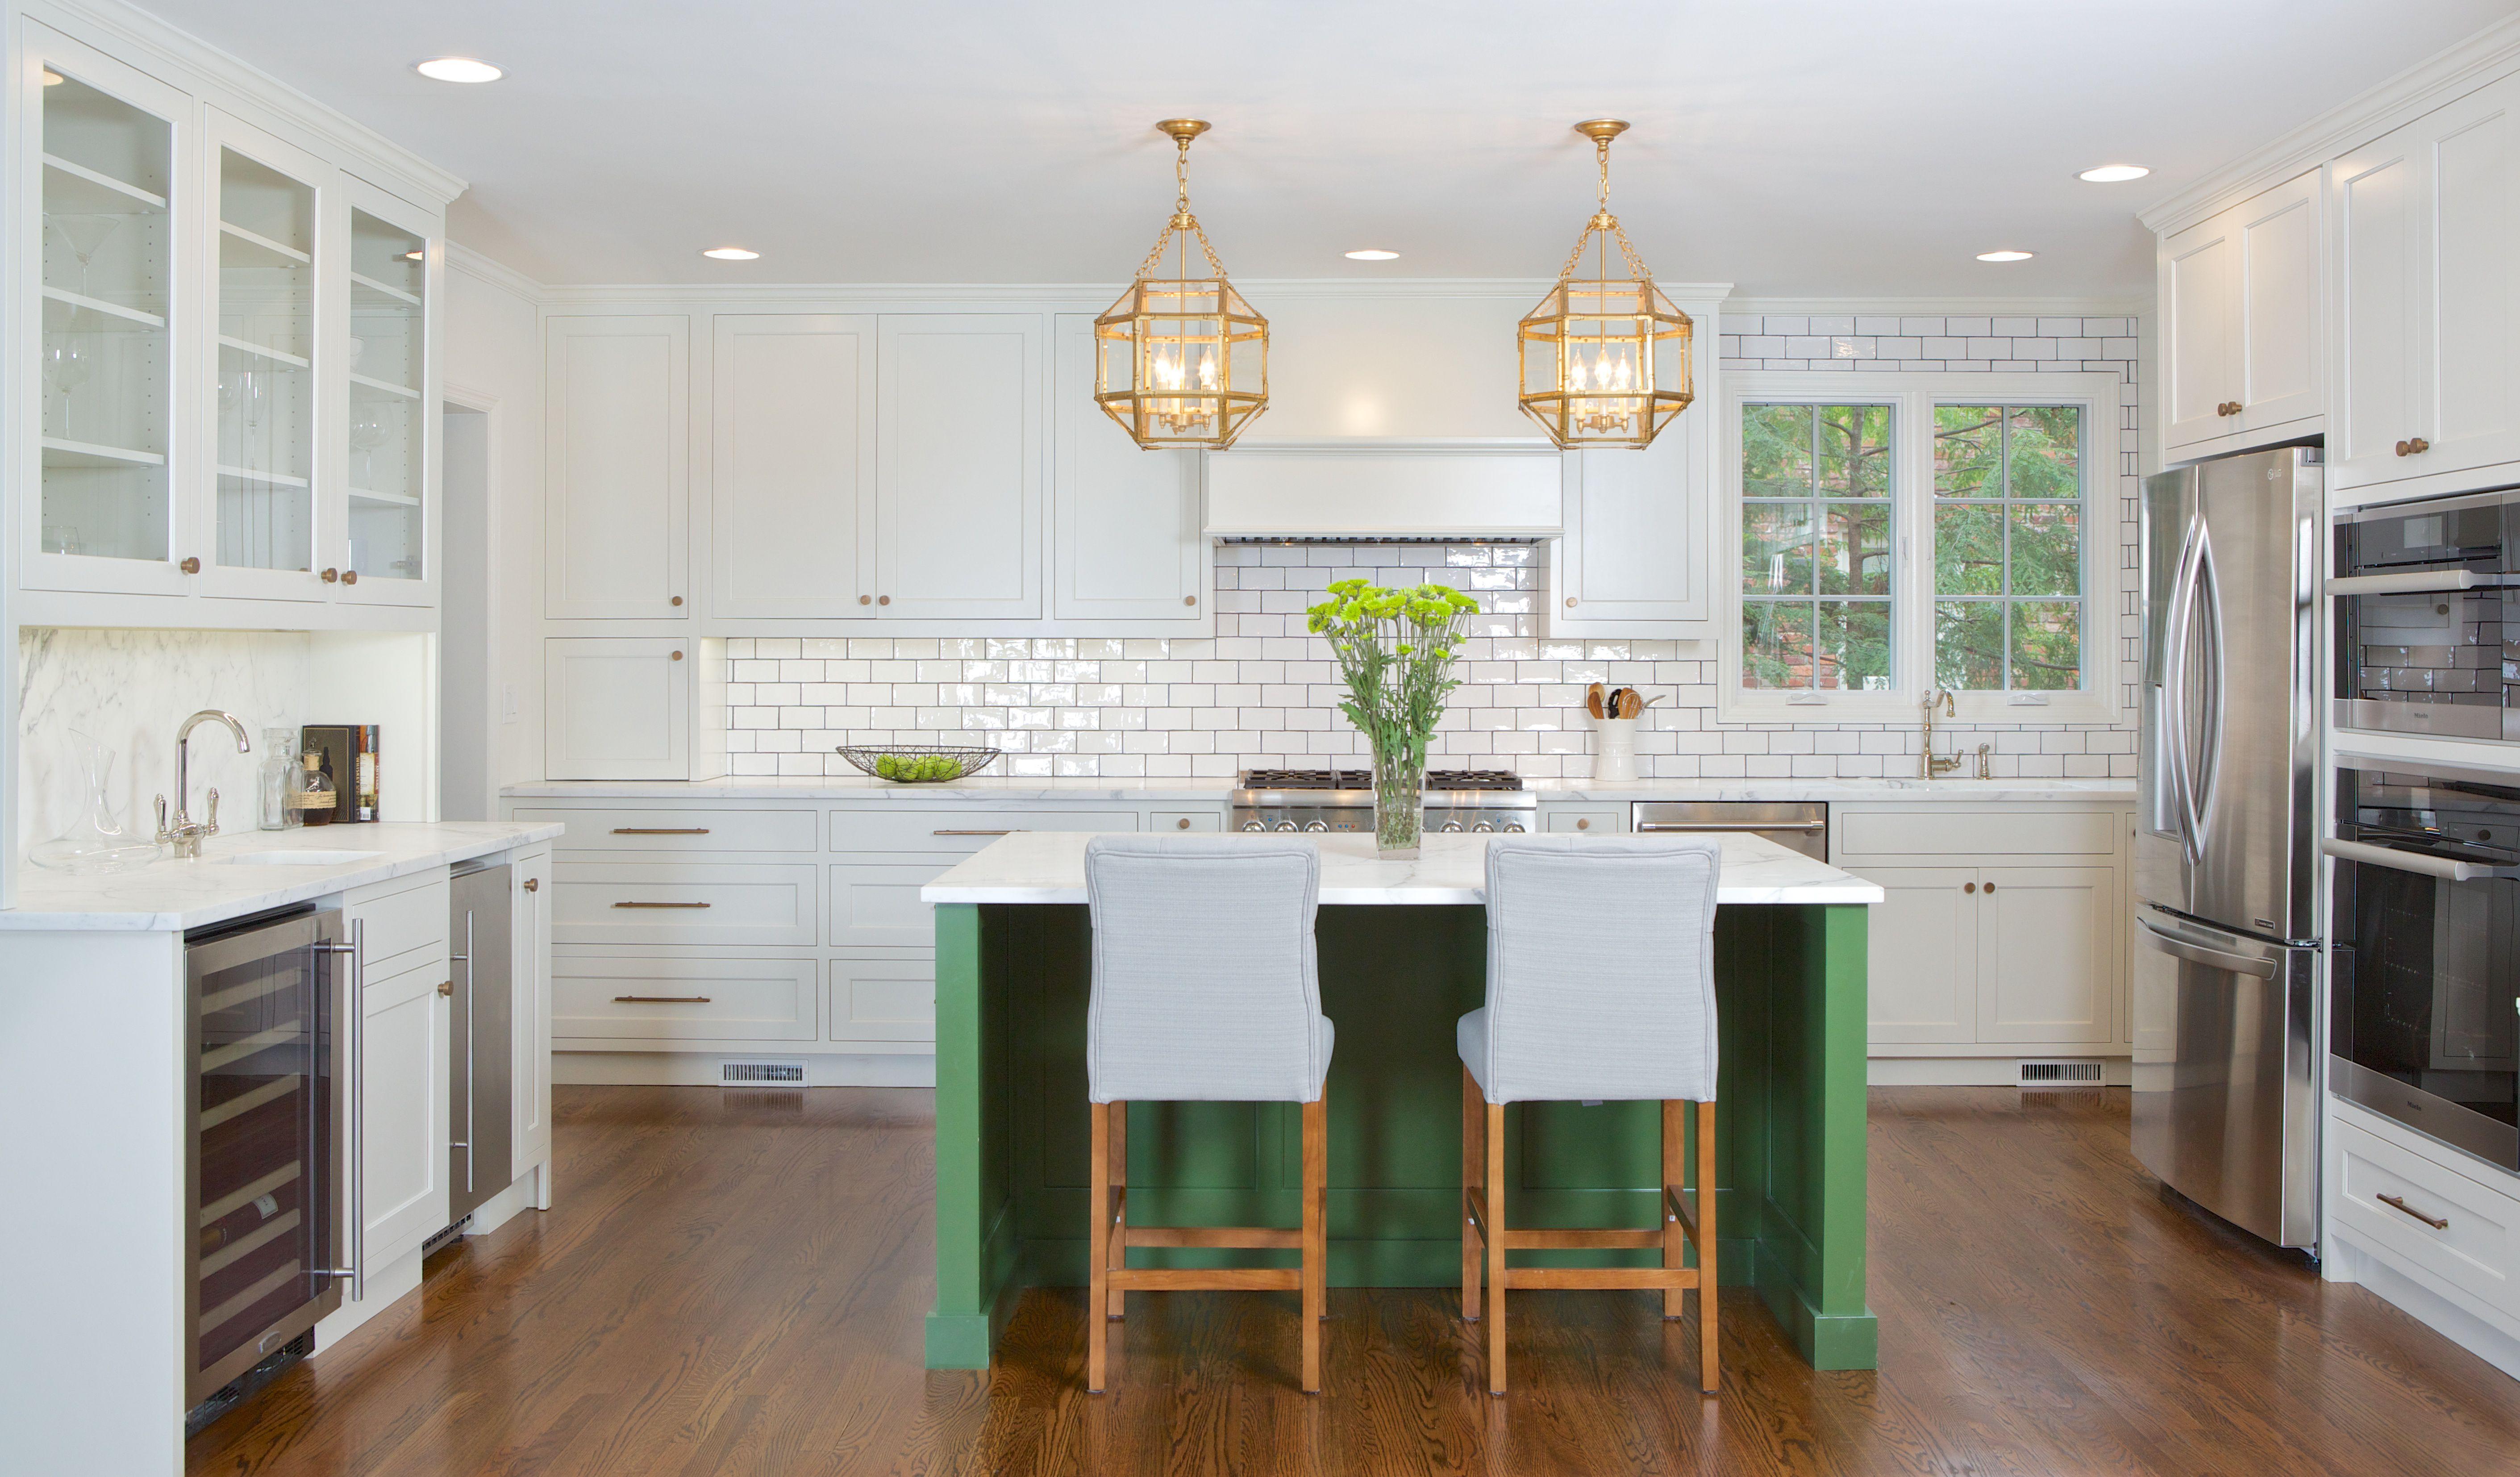 Cocina verde y blanca de Apple con luces colgantes doradas